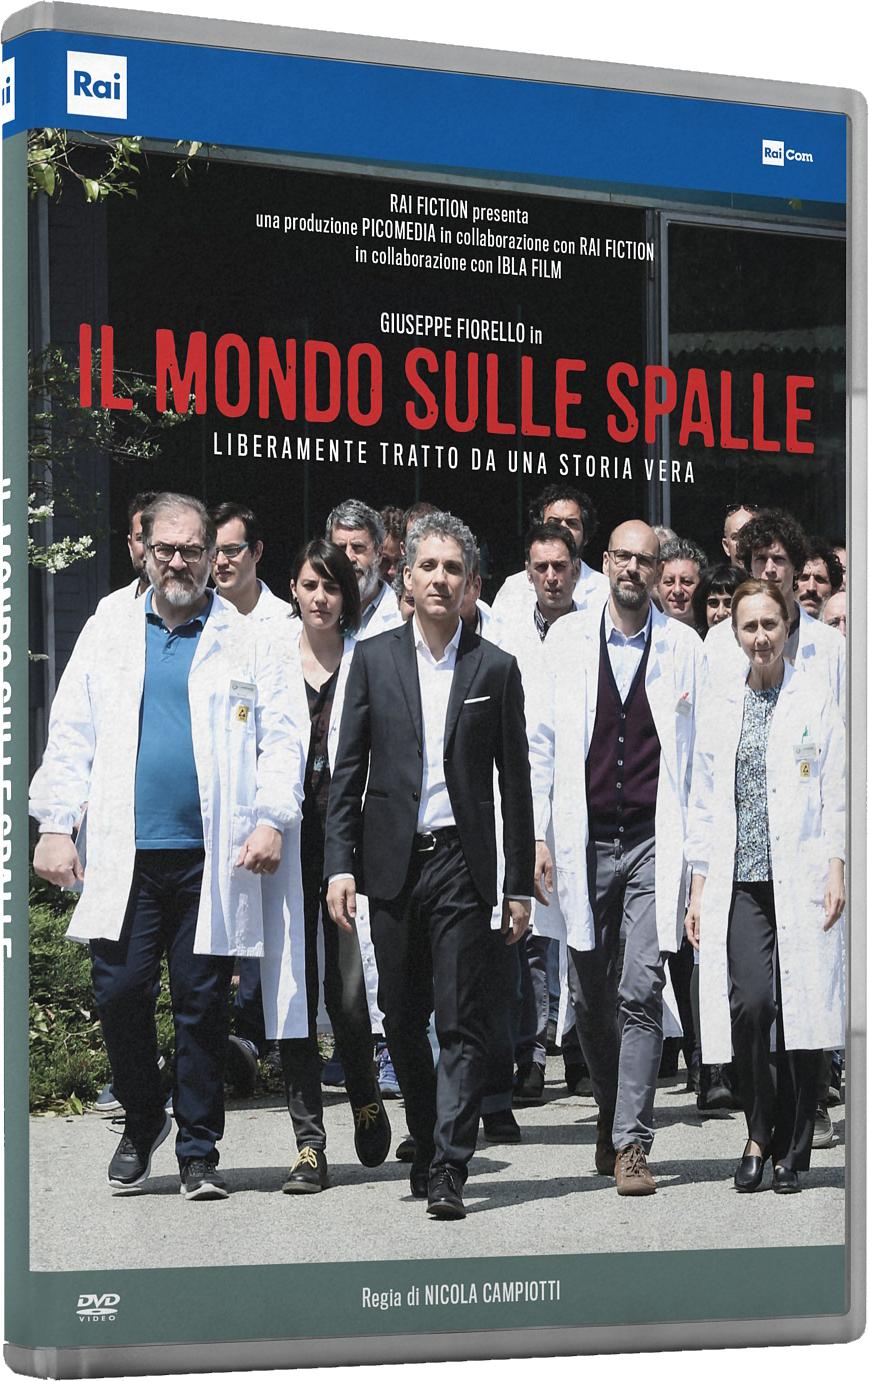 IL MONDO SULLE SPALLE (DVD)